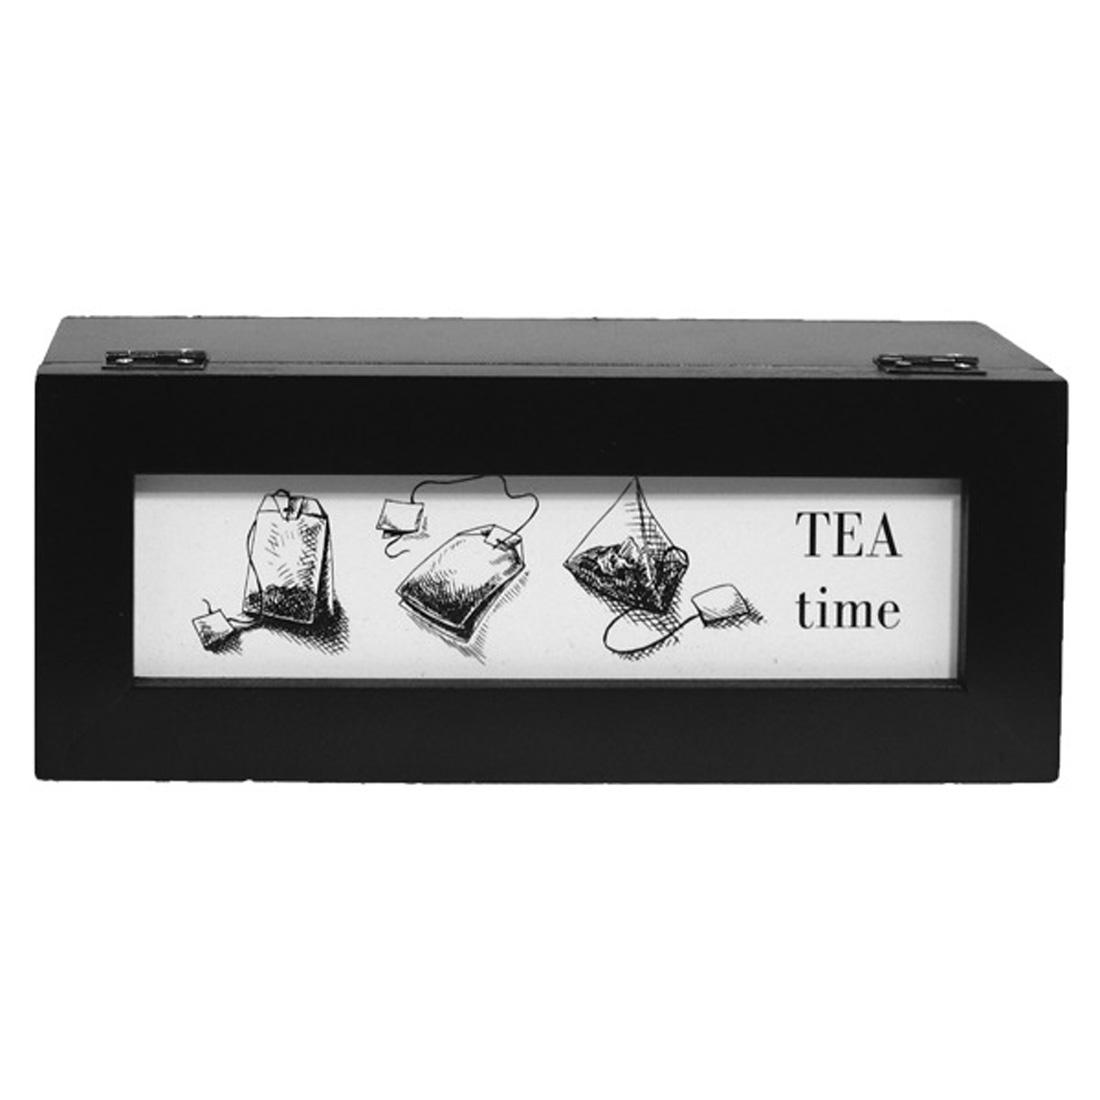 Caixa De Saquinhos de Chás Tea Time Preta 9x25x9,5cm  - Arrivo Mobile